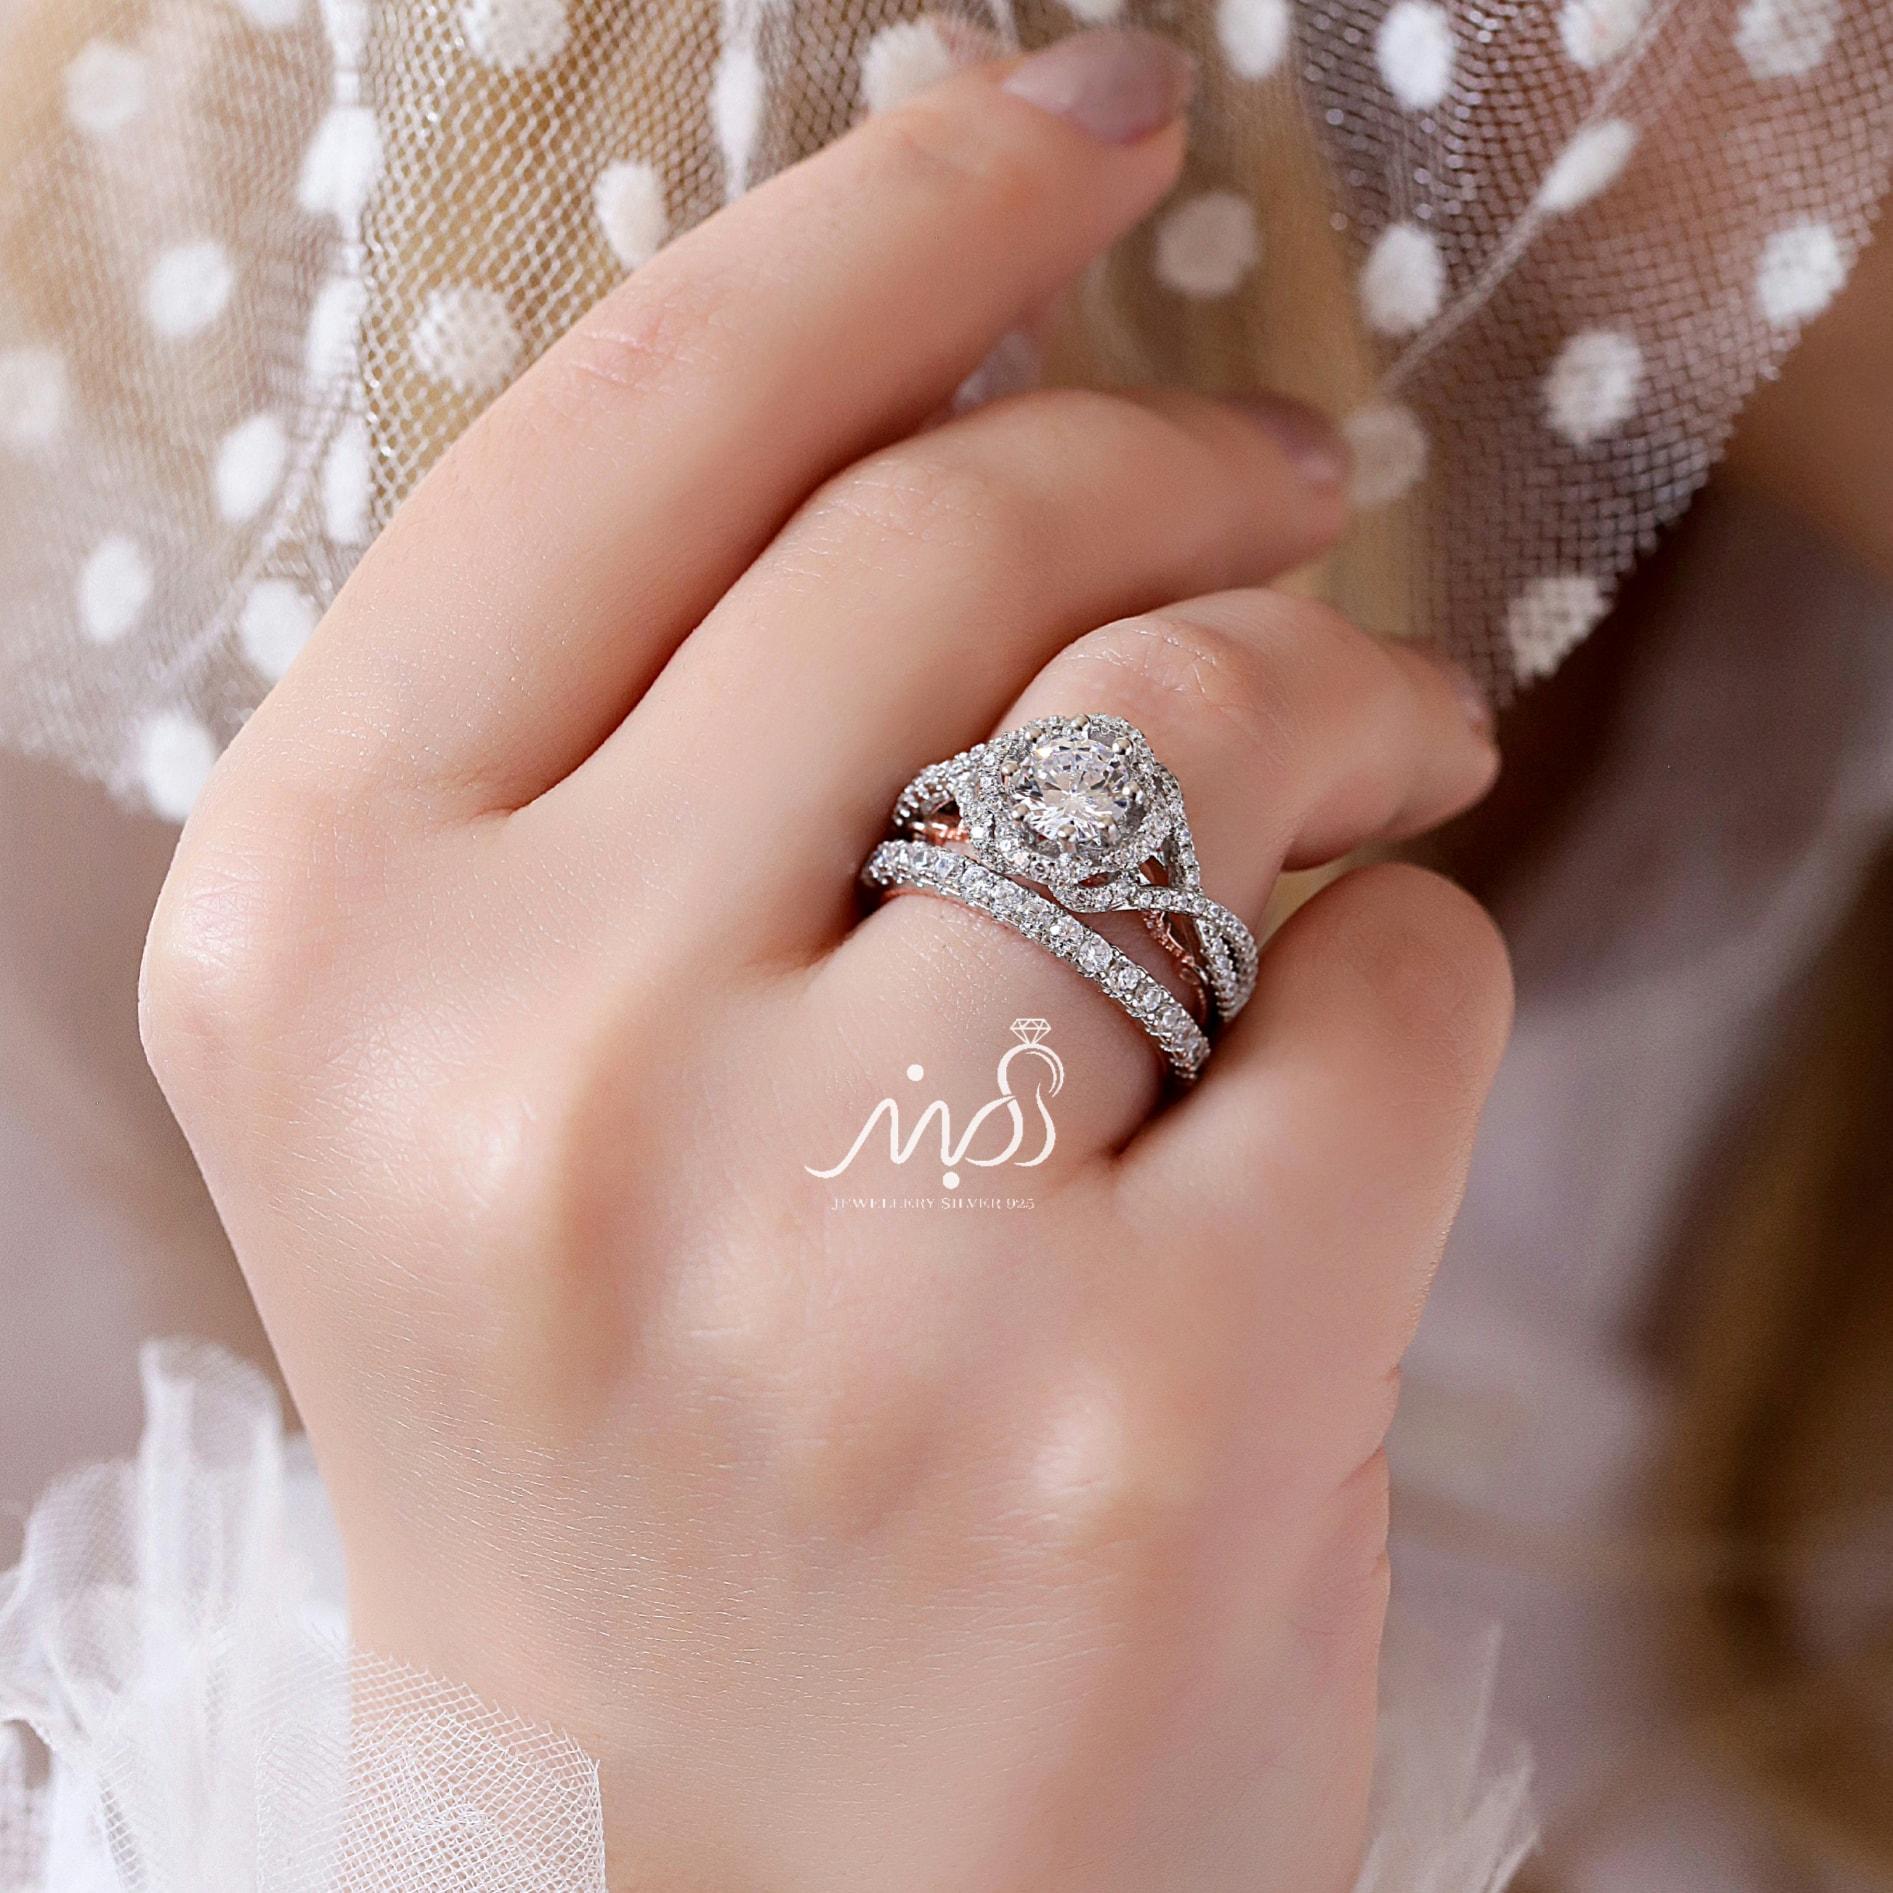 💍حلقه و پشت حلقه جواهری سولیتر با طراحی Verragio ؛ با طراحی خاص و زیبا نقره عیار ۹۲۵ با روکش طلا سفید و داخل رکاب رزگلد(P_2001)